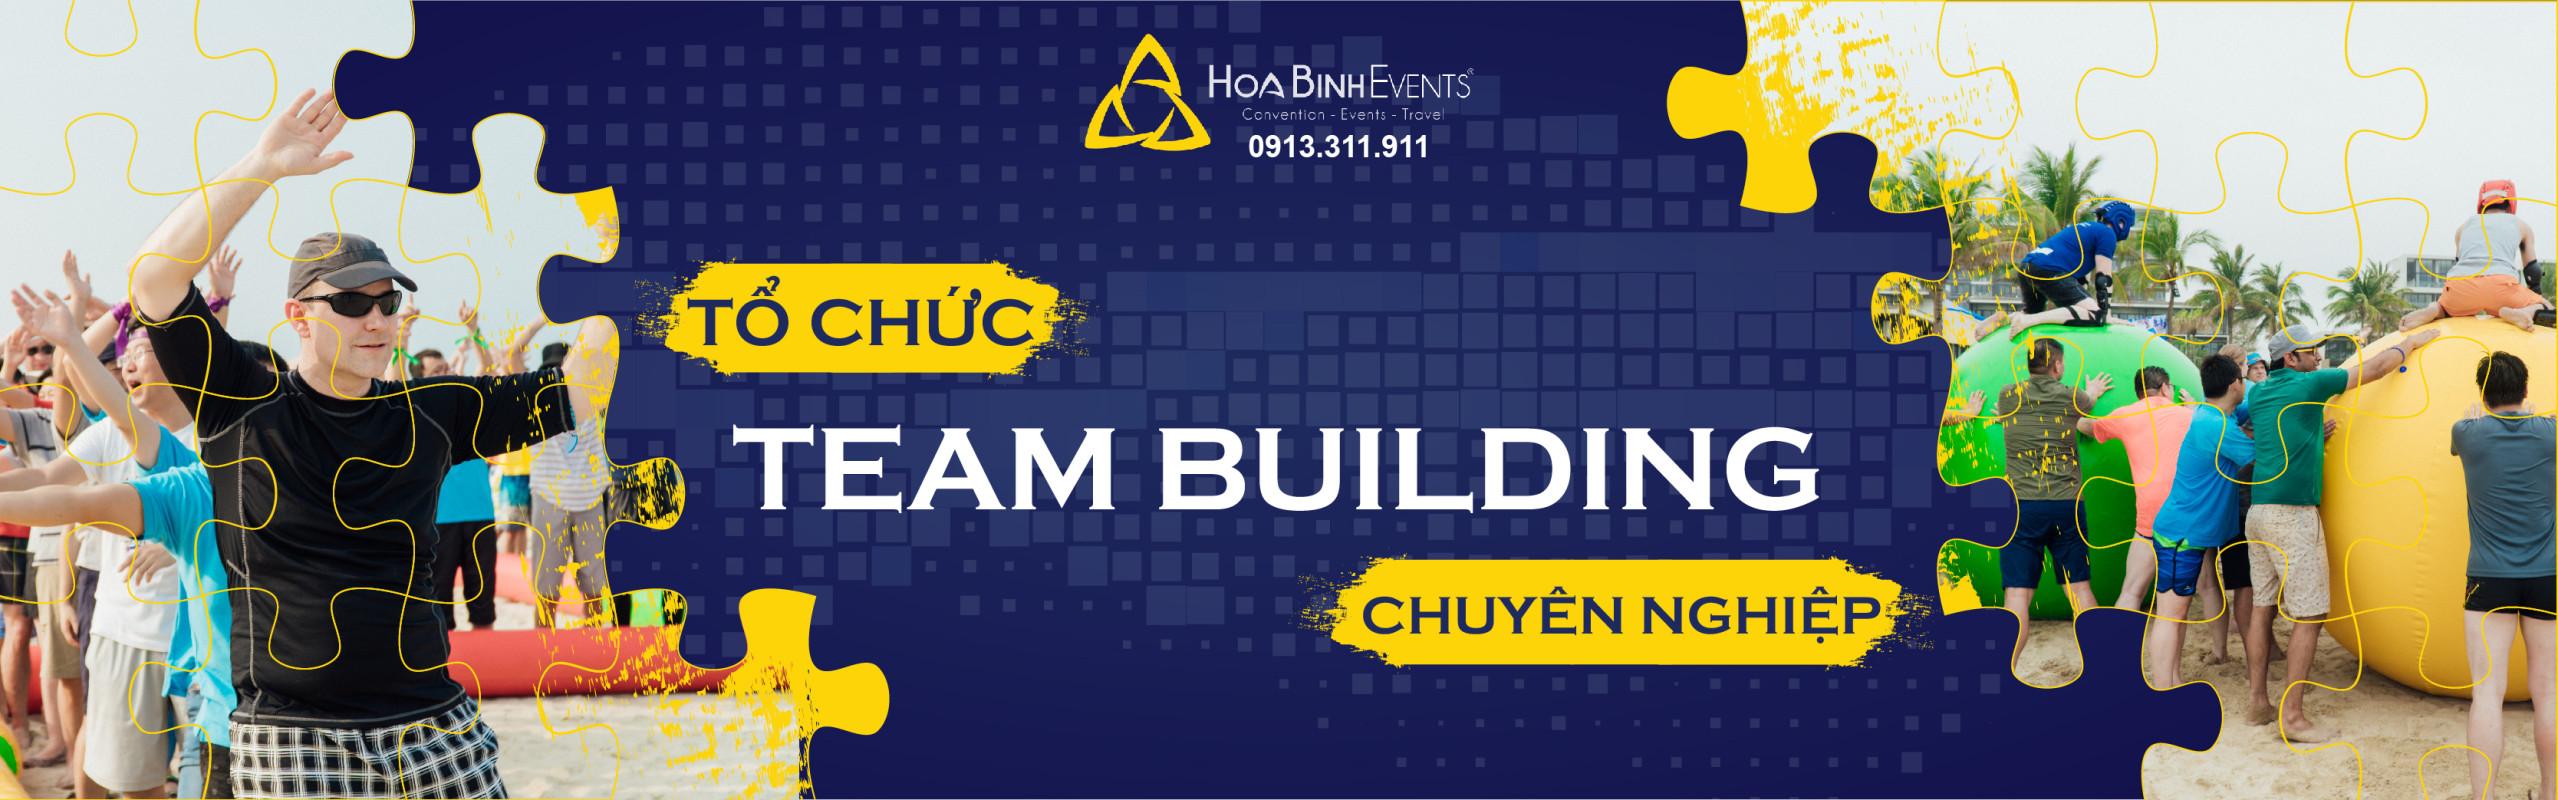 Tổ chức team building doanh nghiệp